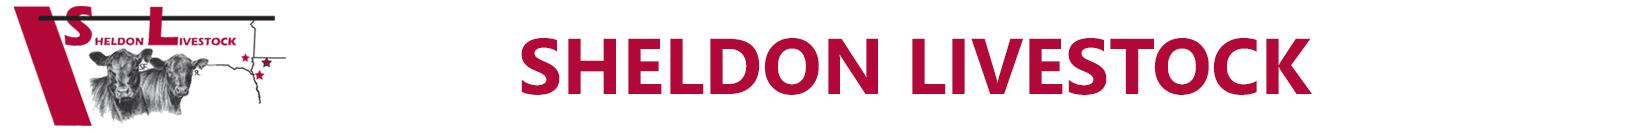 Home | Sheldon Livestock | Cattle & Livestock Auction